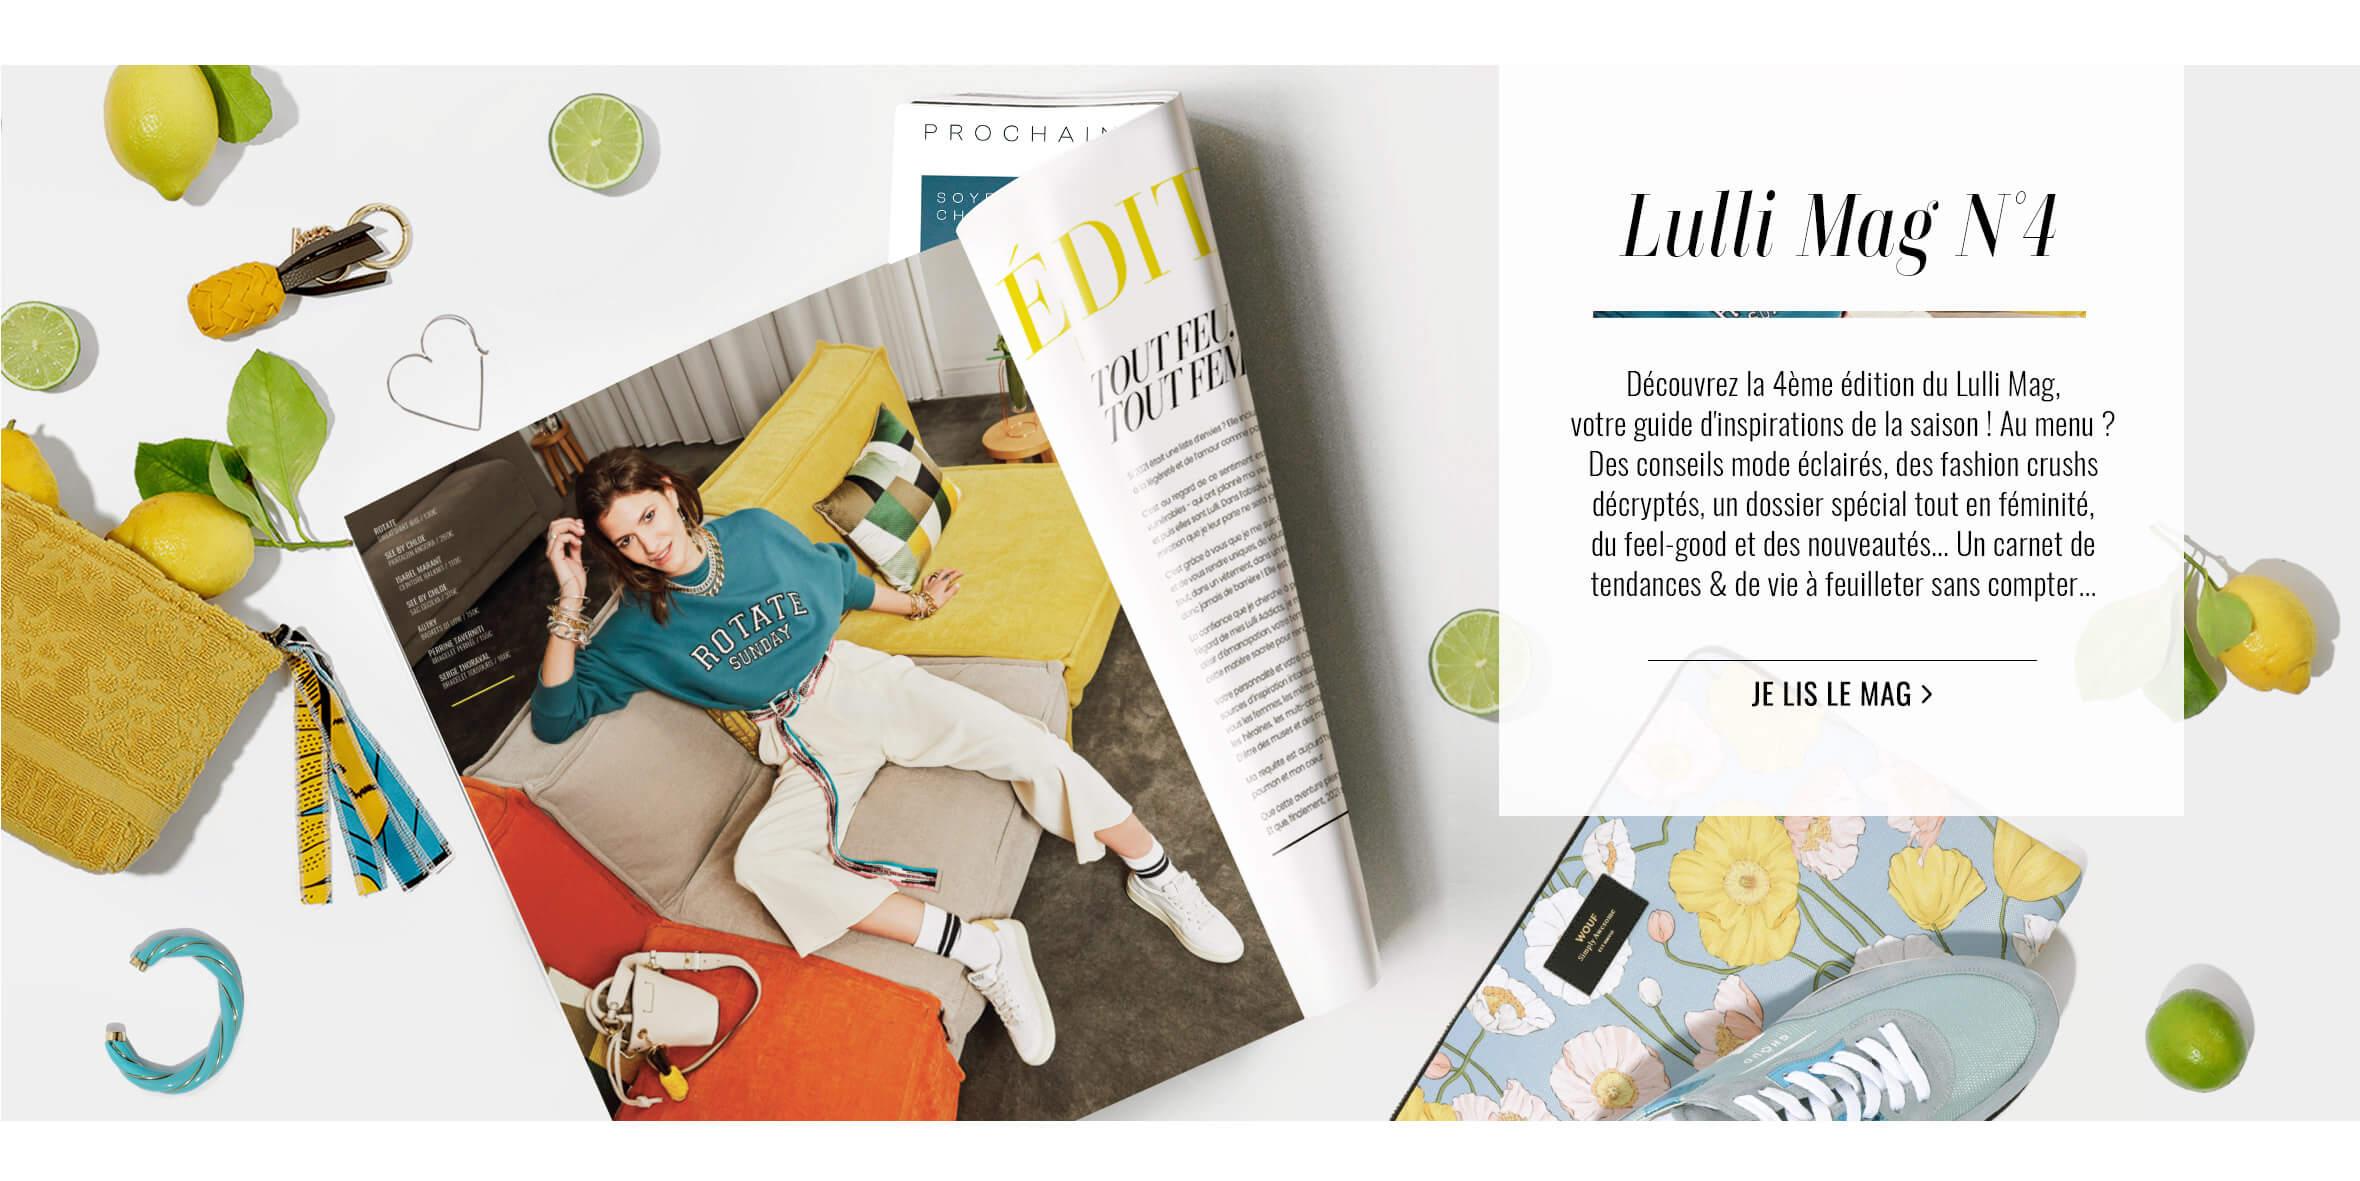 Lulli Mag